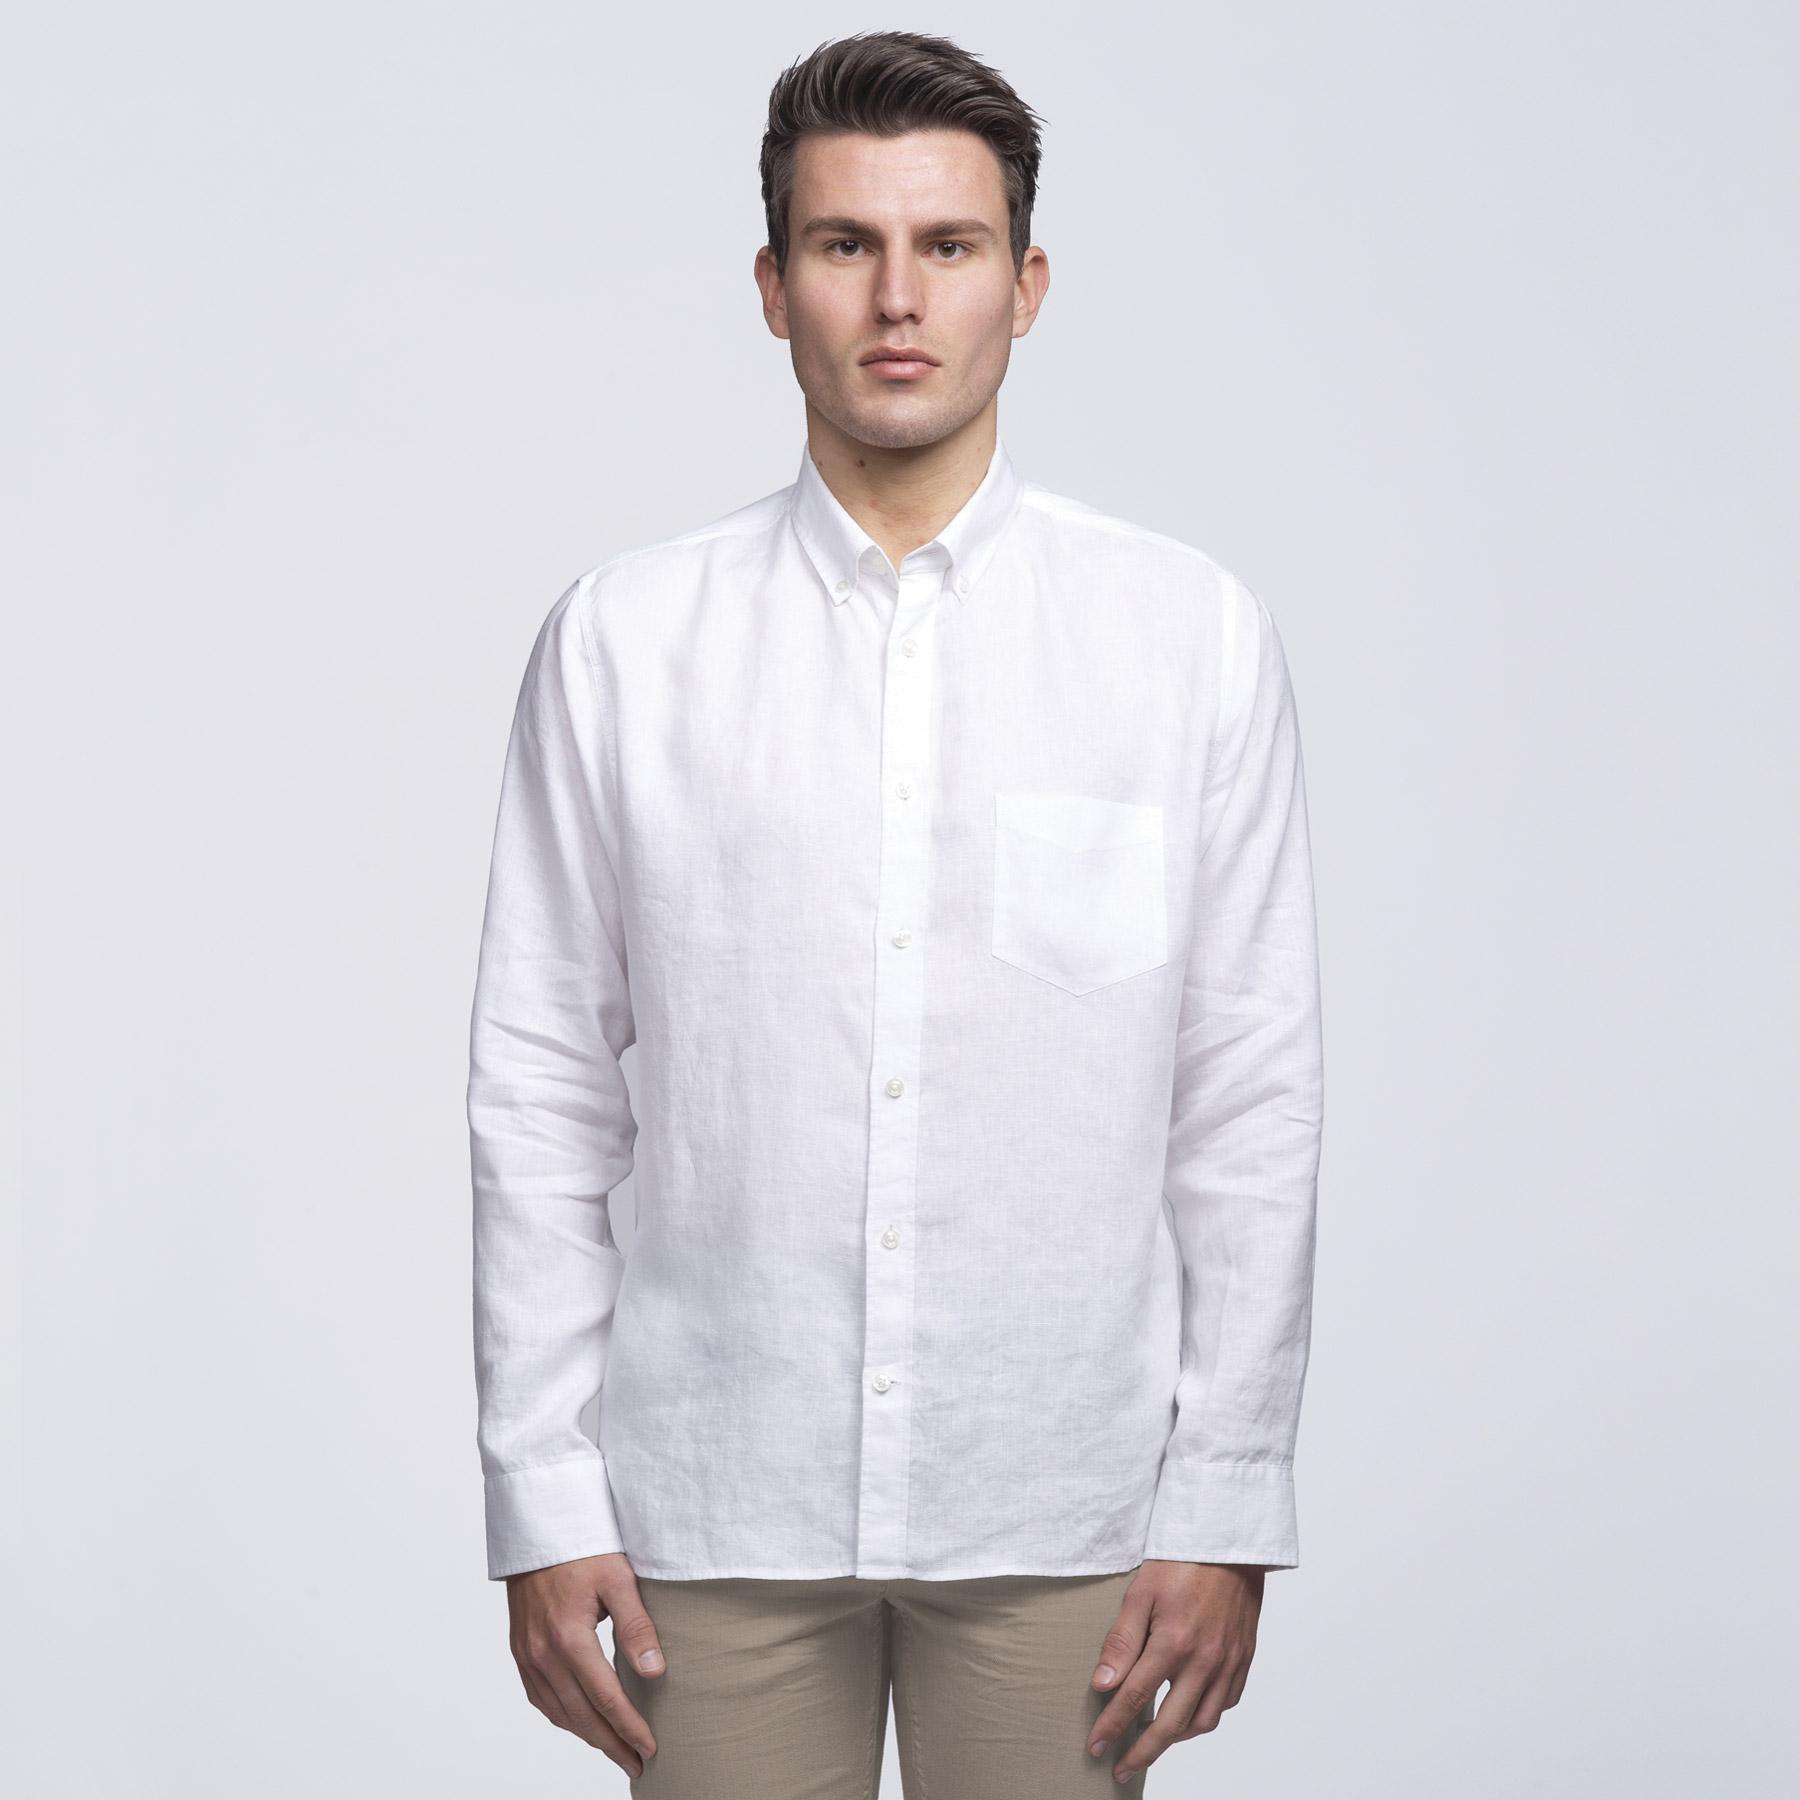 T shirt design queenstown - Smpli Mens White Linen Shirt Front